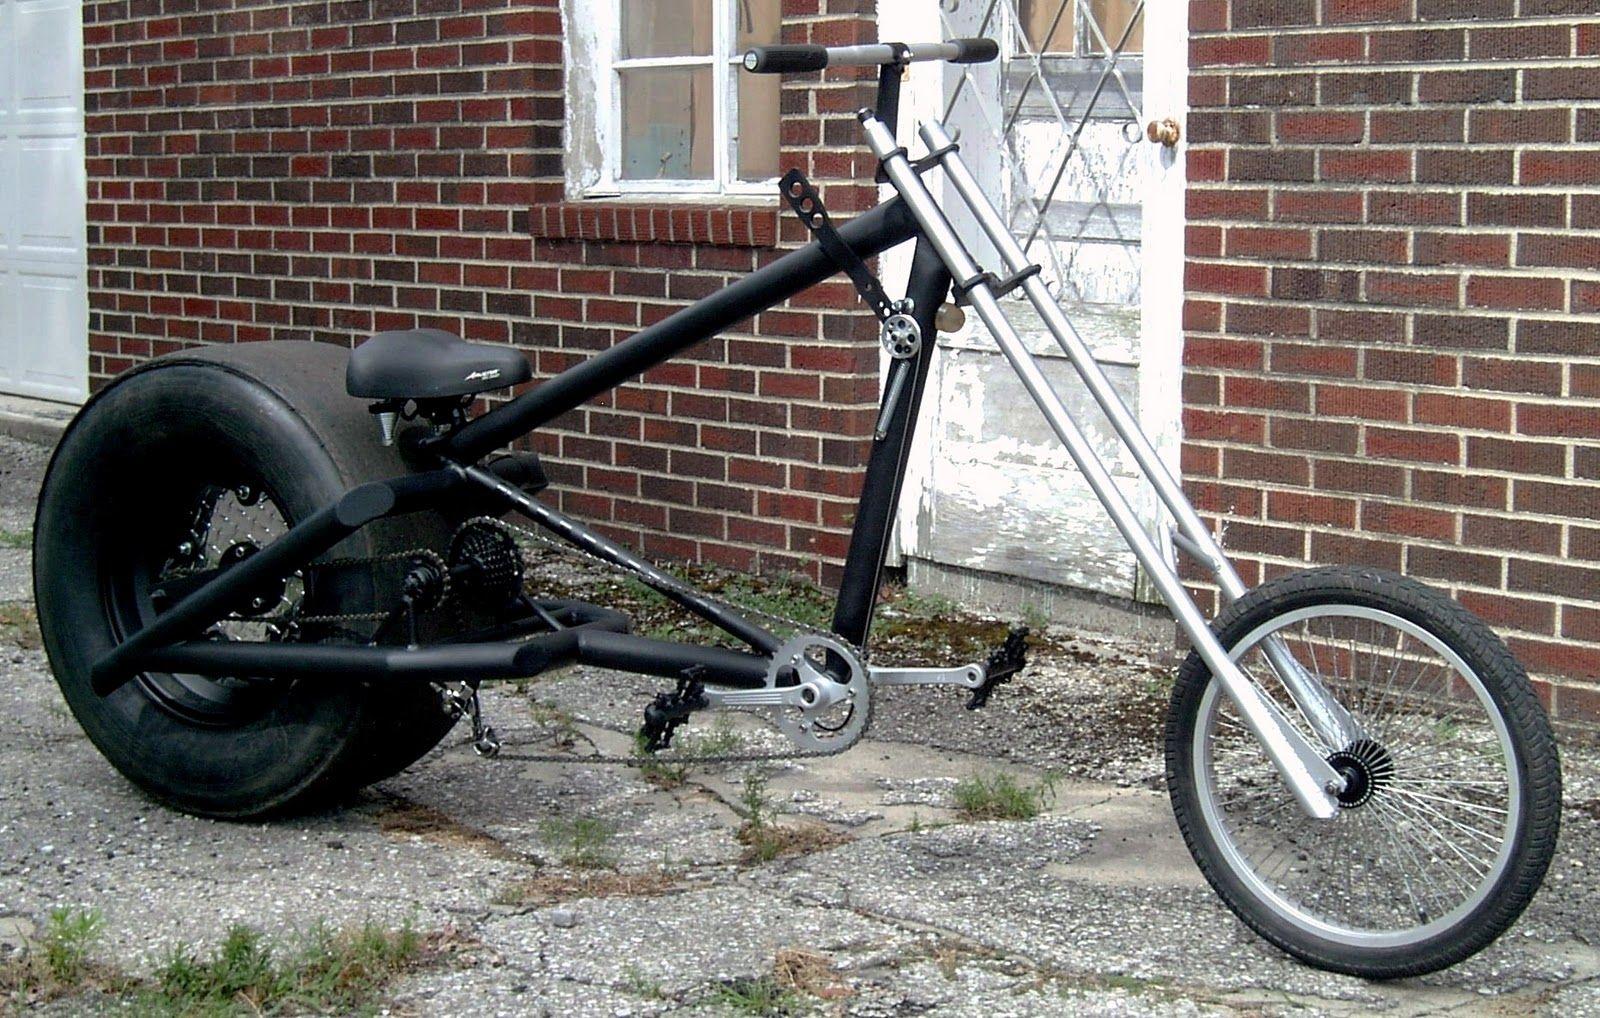 chopper bike | Bikes | Pinterest